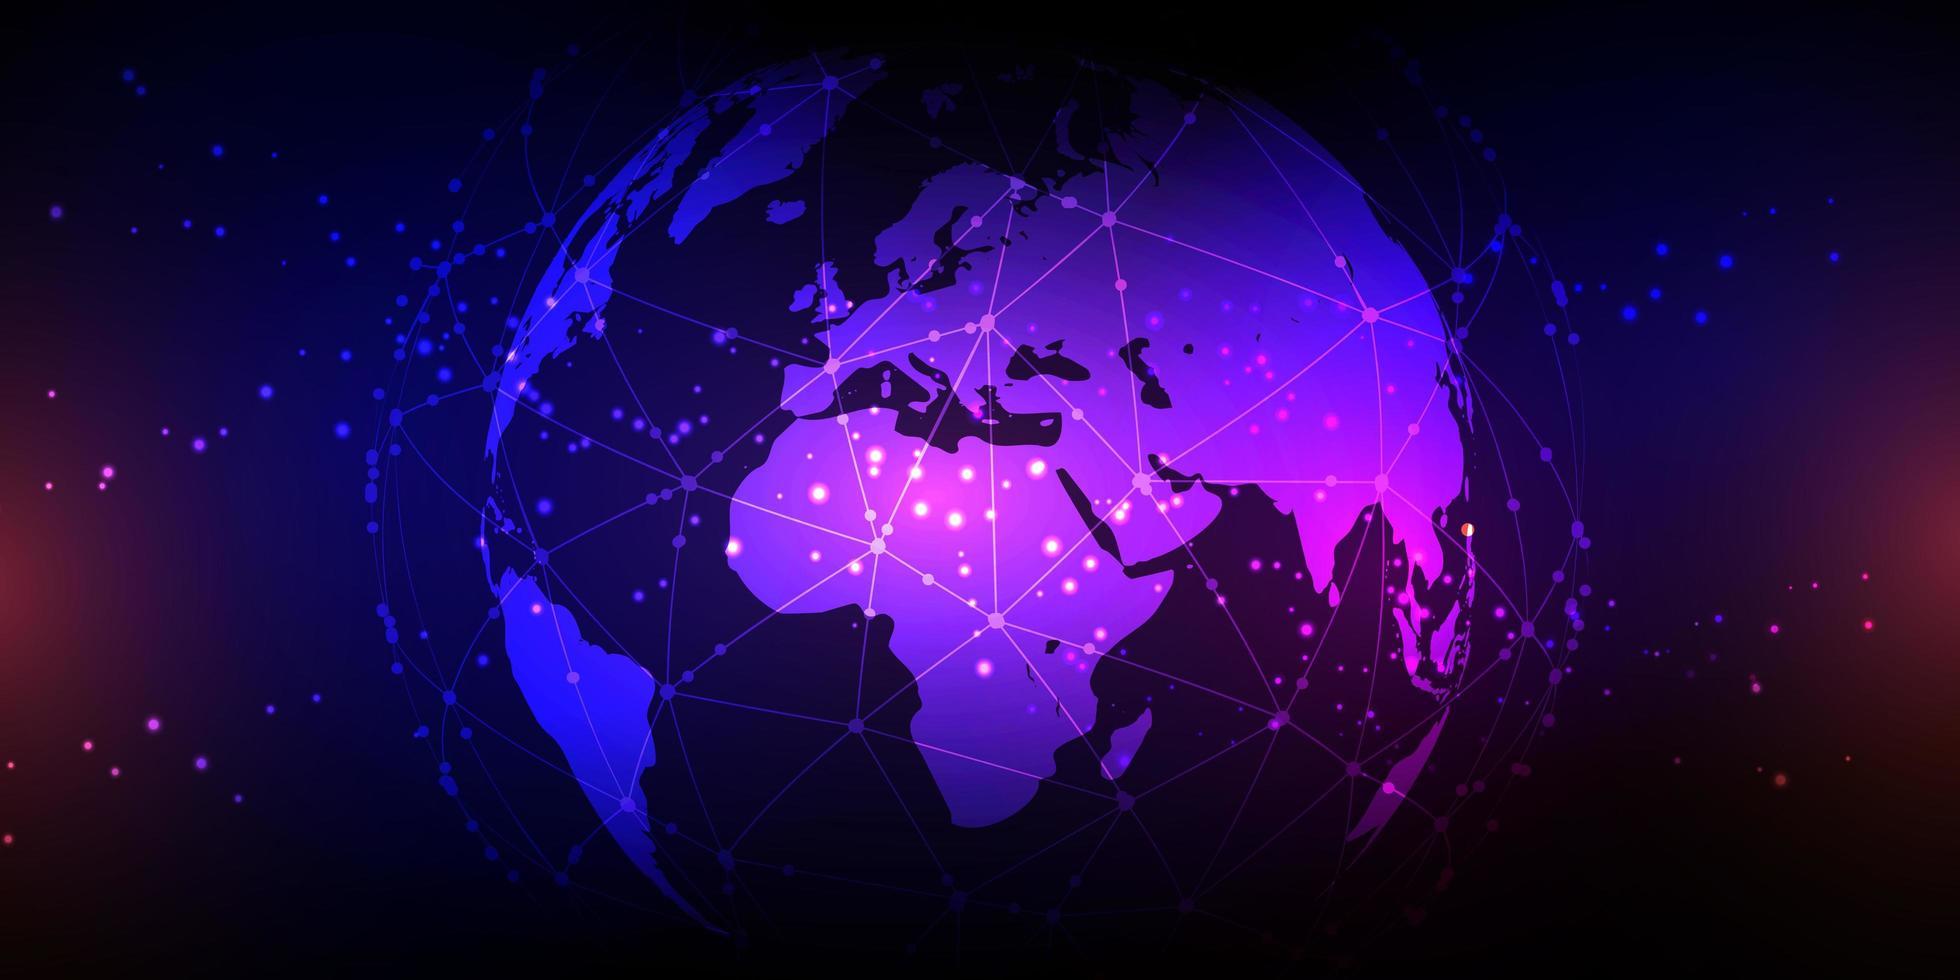 wereldbol met netwerkcommunicatie vector